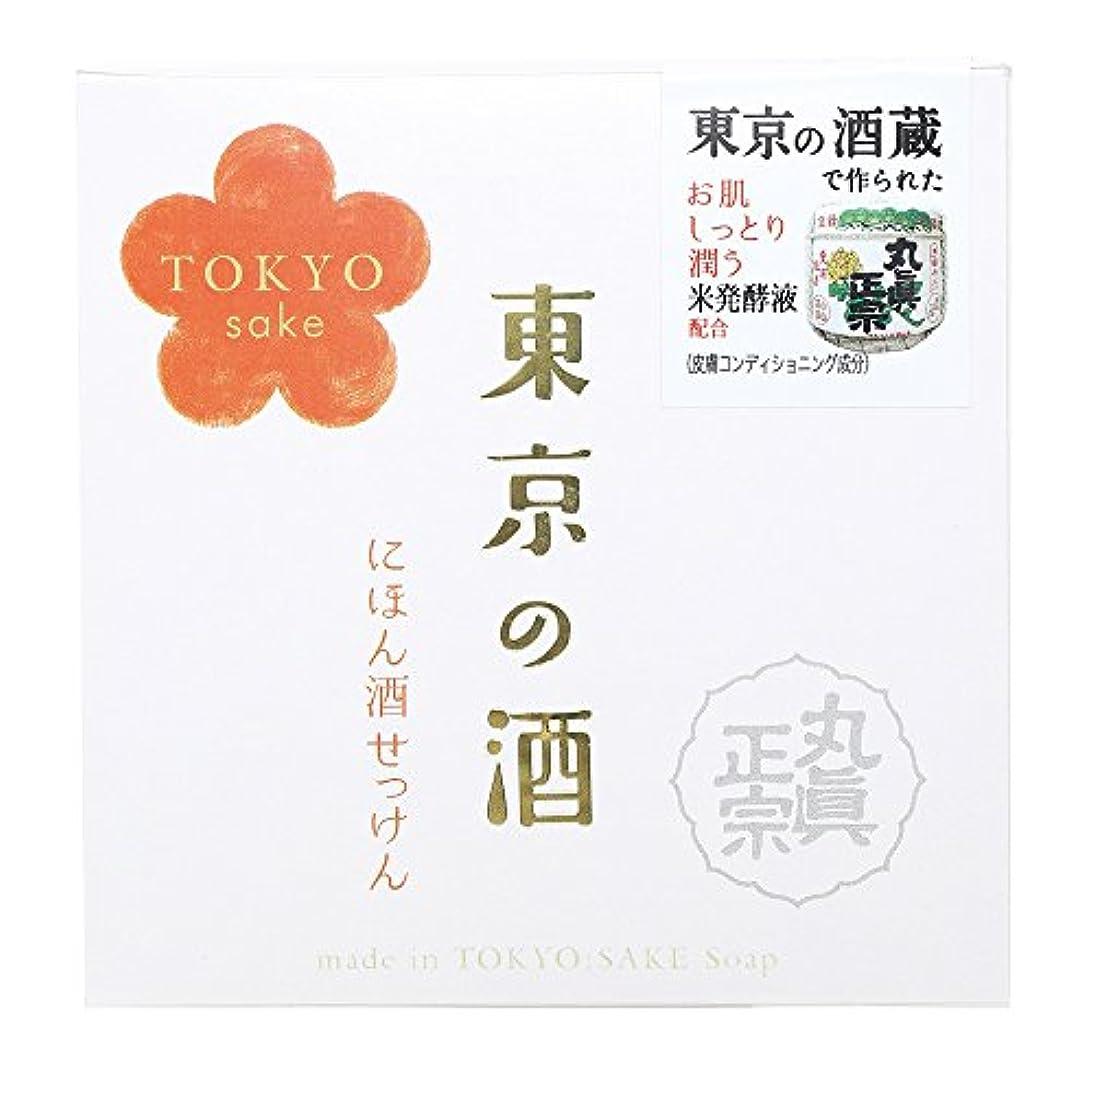 ハウジング路地浮浪者ノルコーポレーション 東京の酒 石けん OB-TKY-1-1 100g